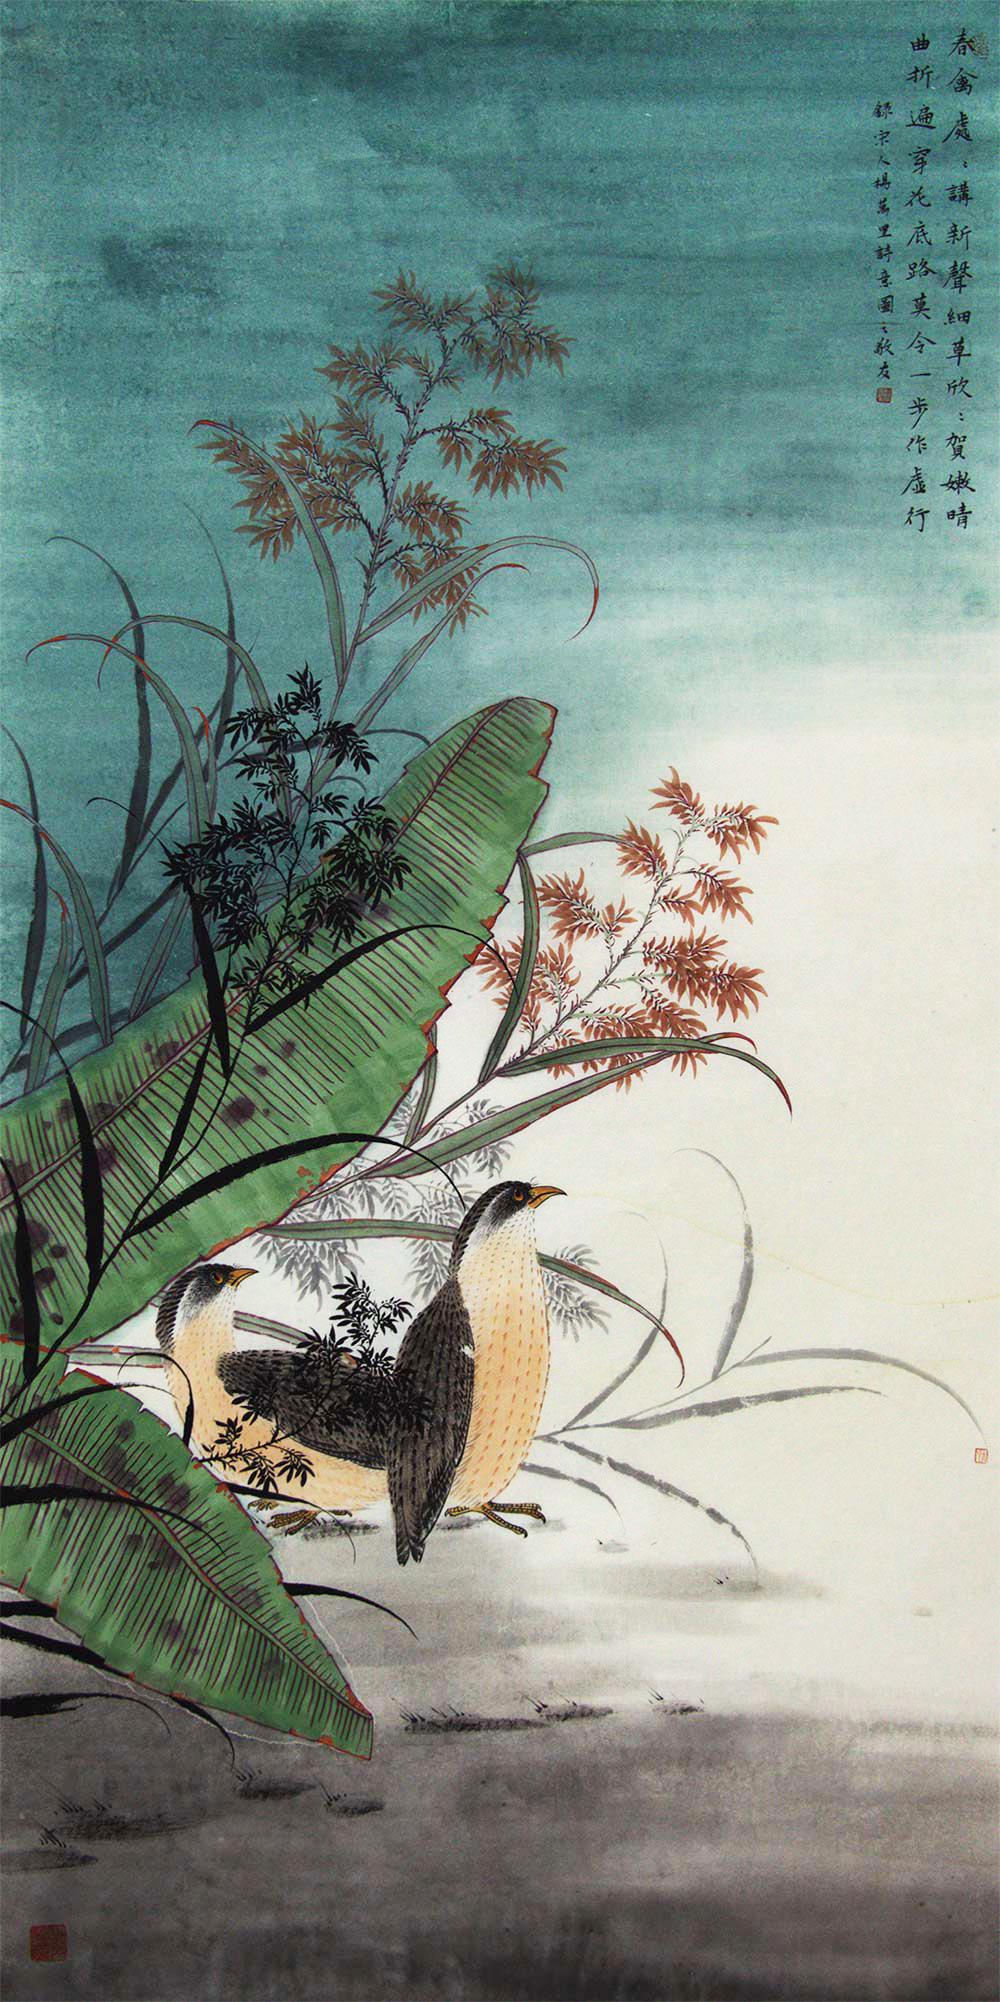 中国美协会员 陈敬友 展览作品 春禽处处讲新声 细草欣欣贺嫩晴